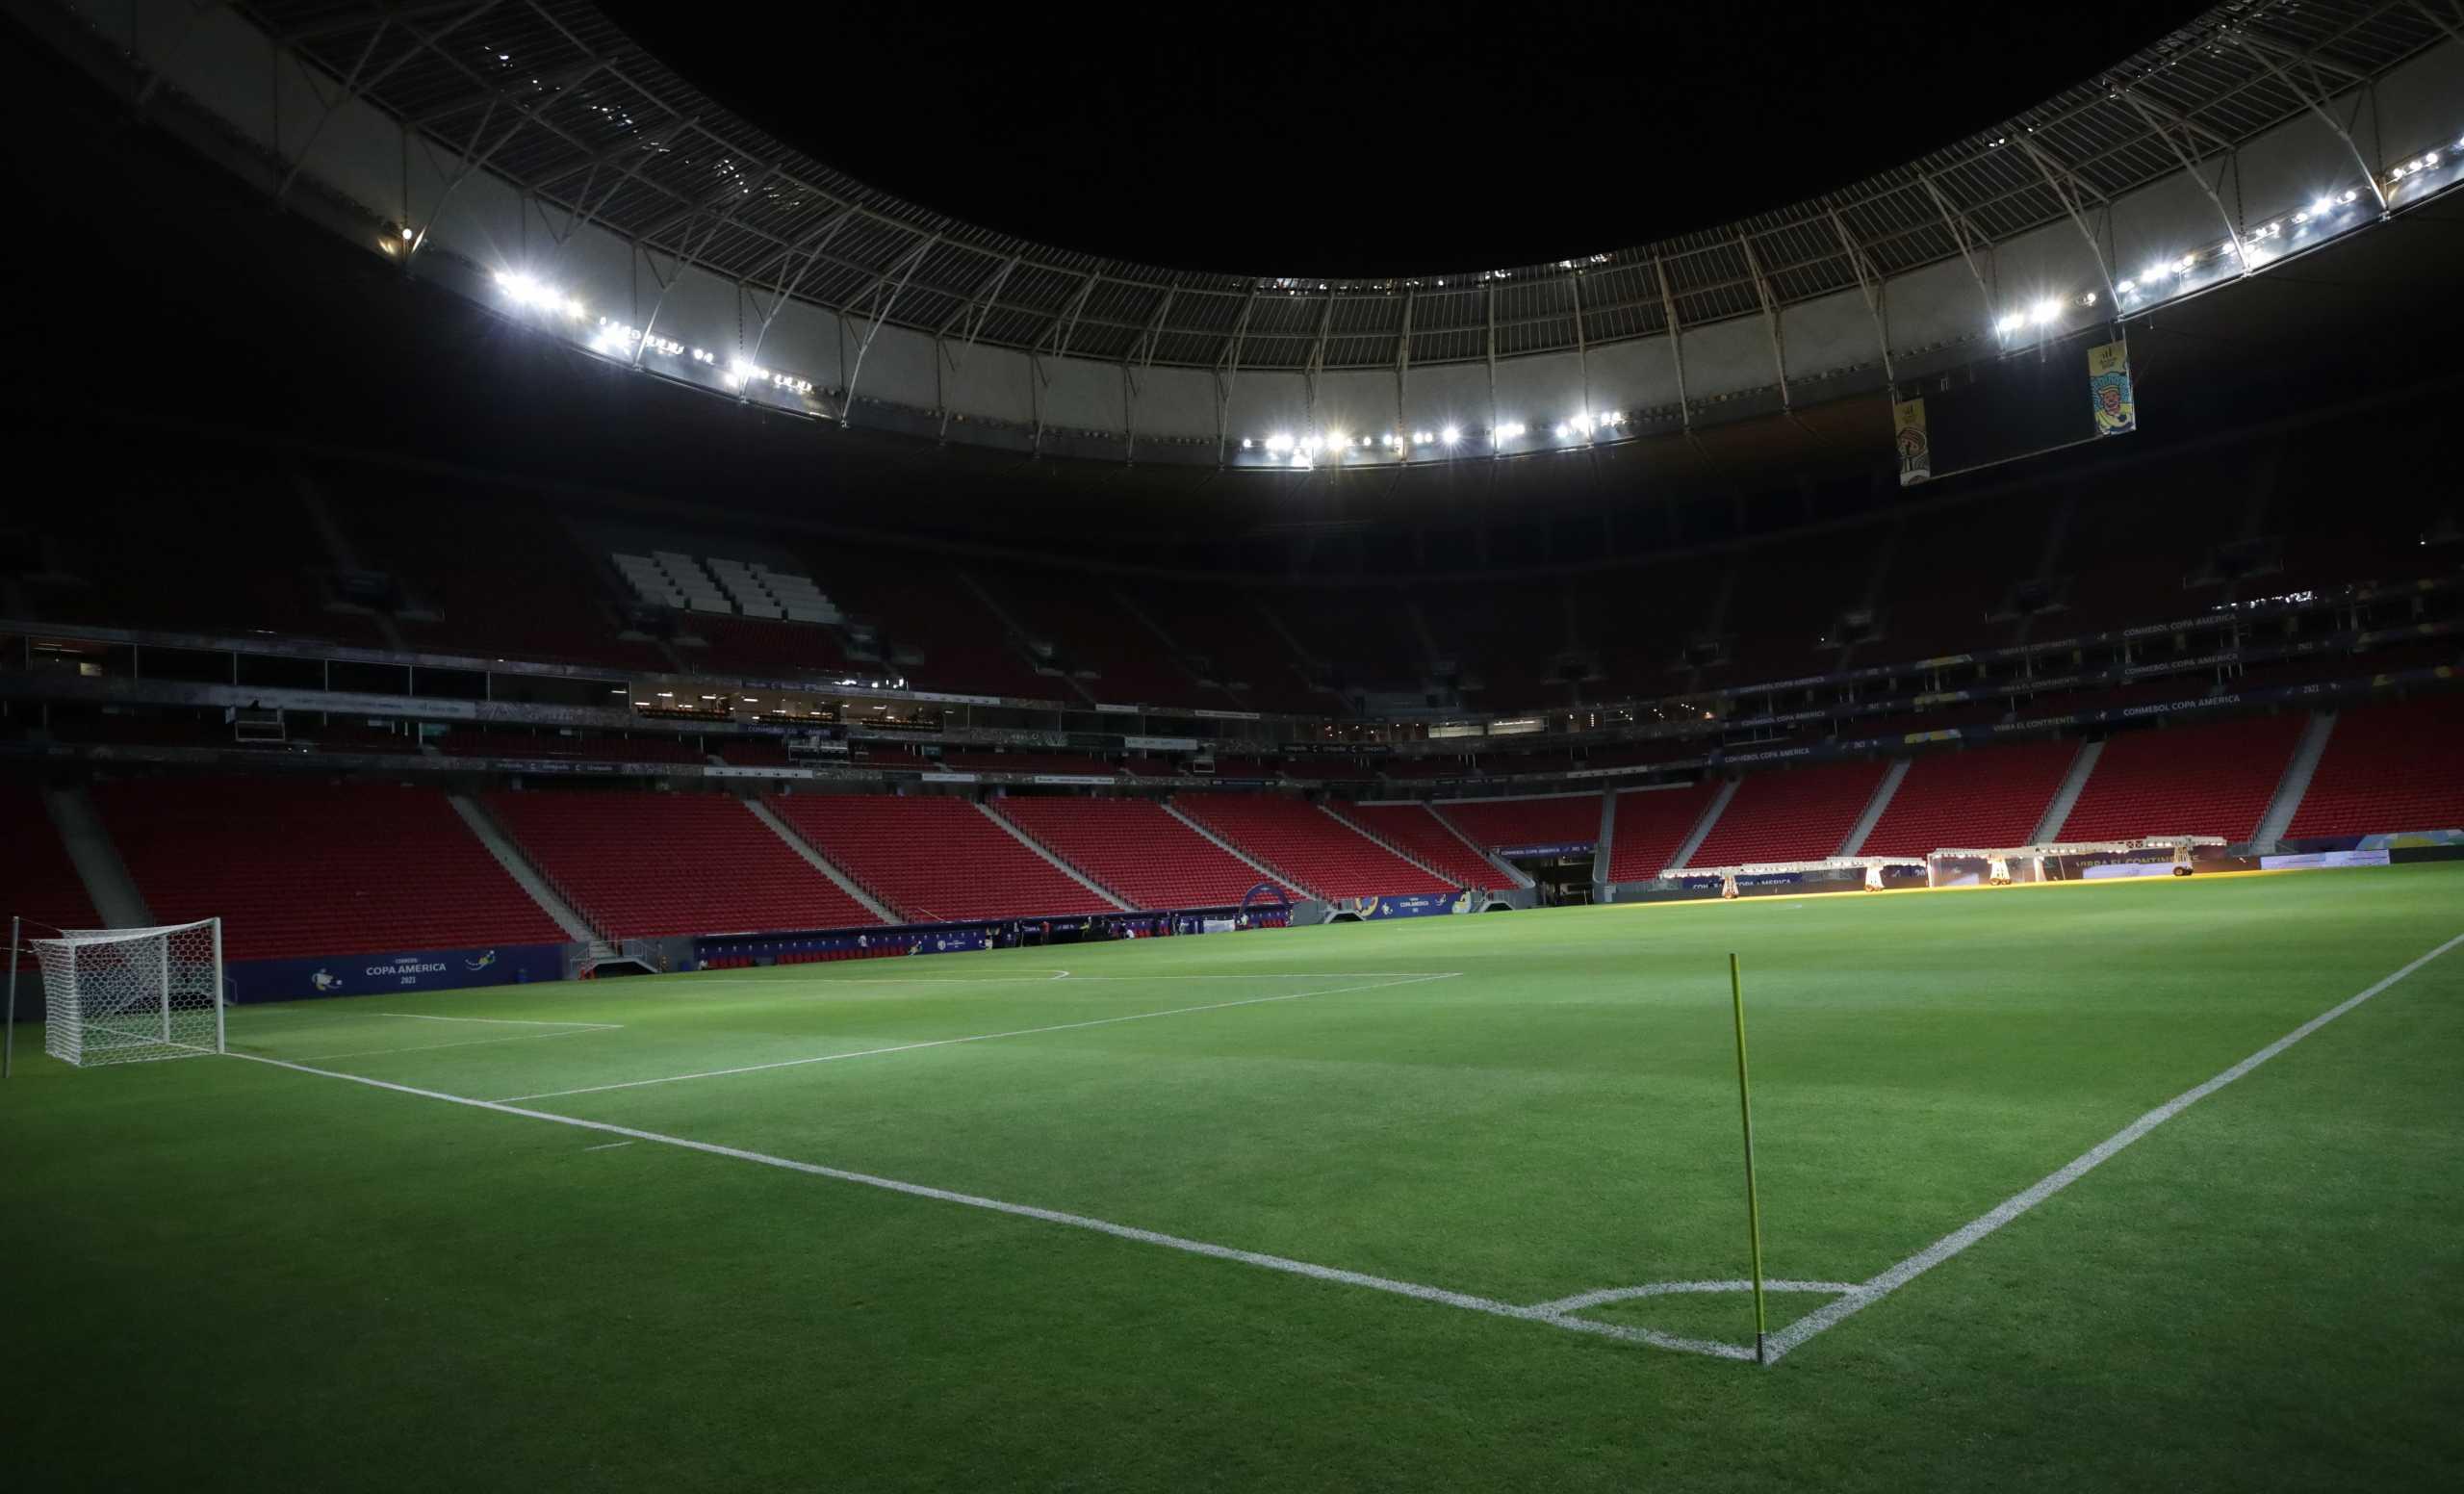 Copa America: Σέντρα απόψε τελικά στη γιορτή του λατινοαμερικάνικου ποδοσφαίρου